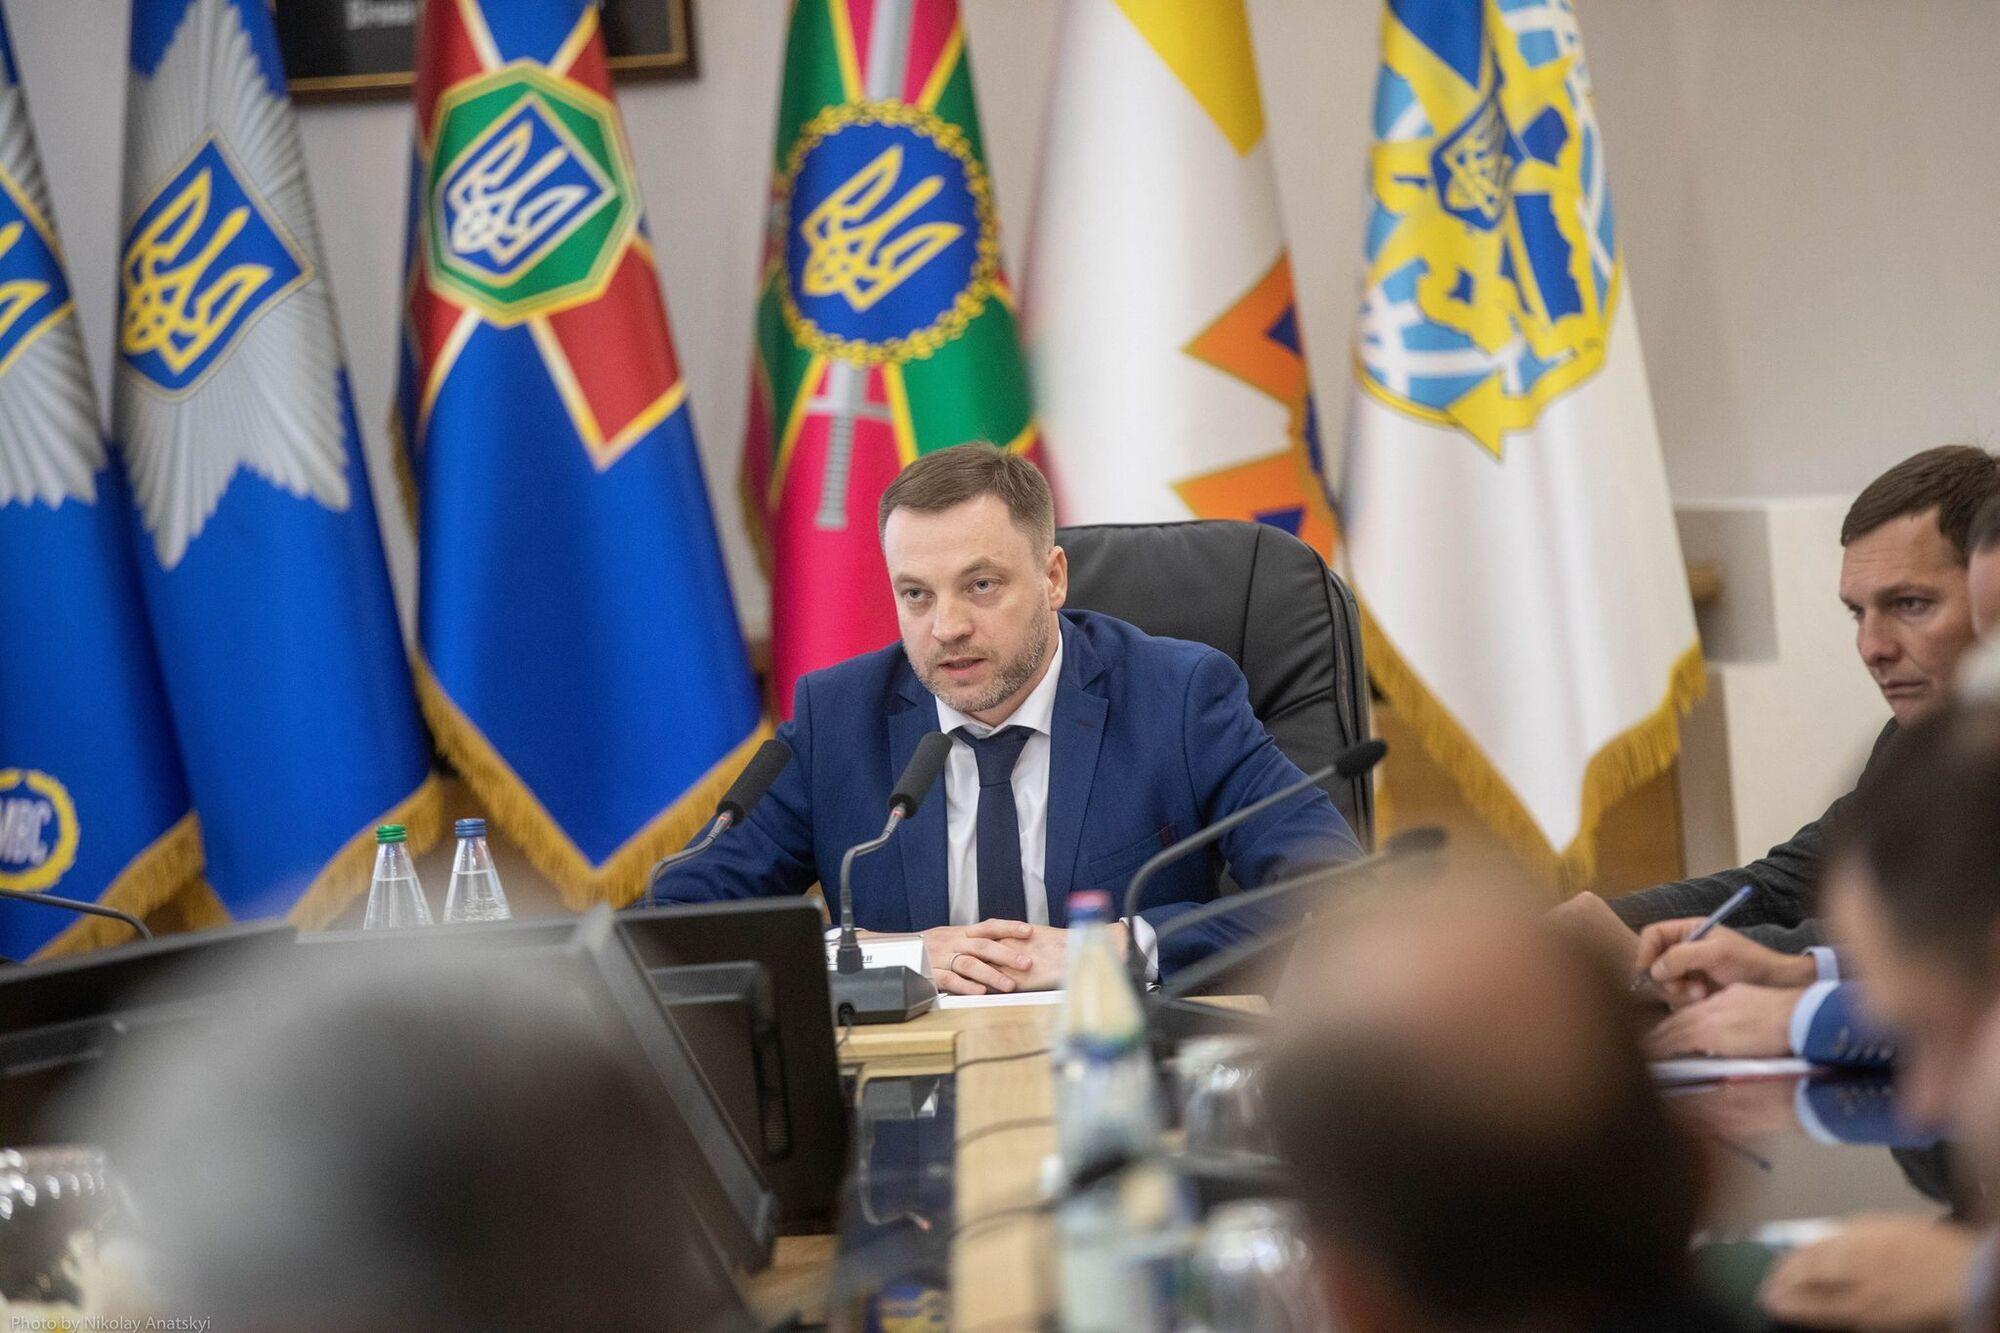 Монастырский провел встречу с представителями Верховной Рады и бизнеса